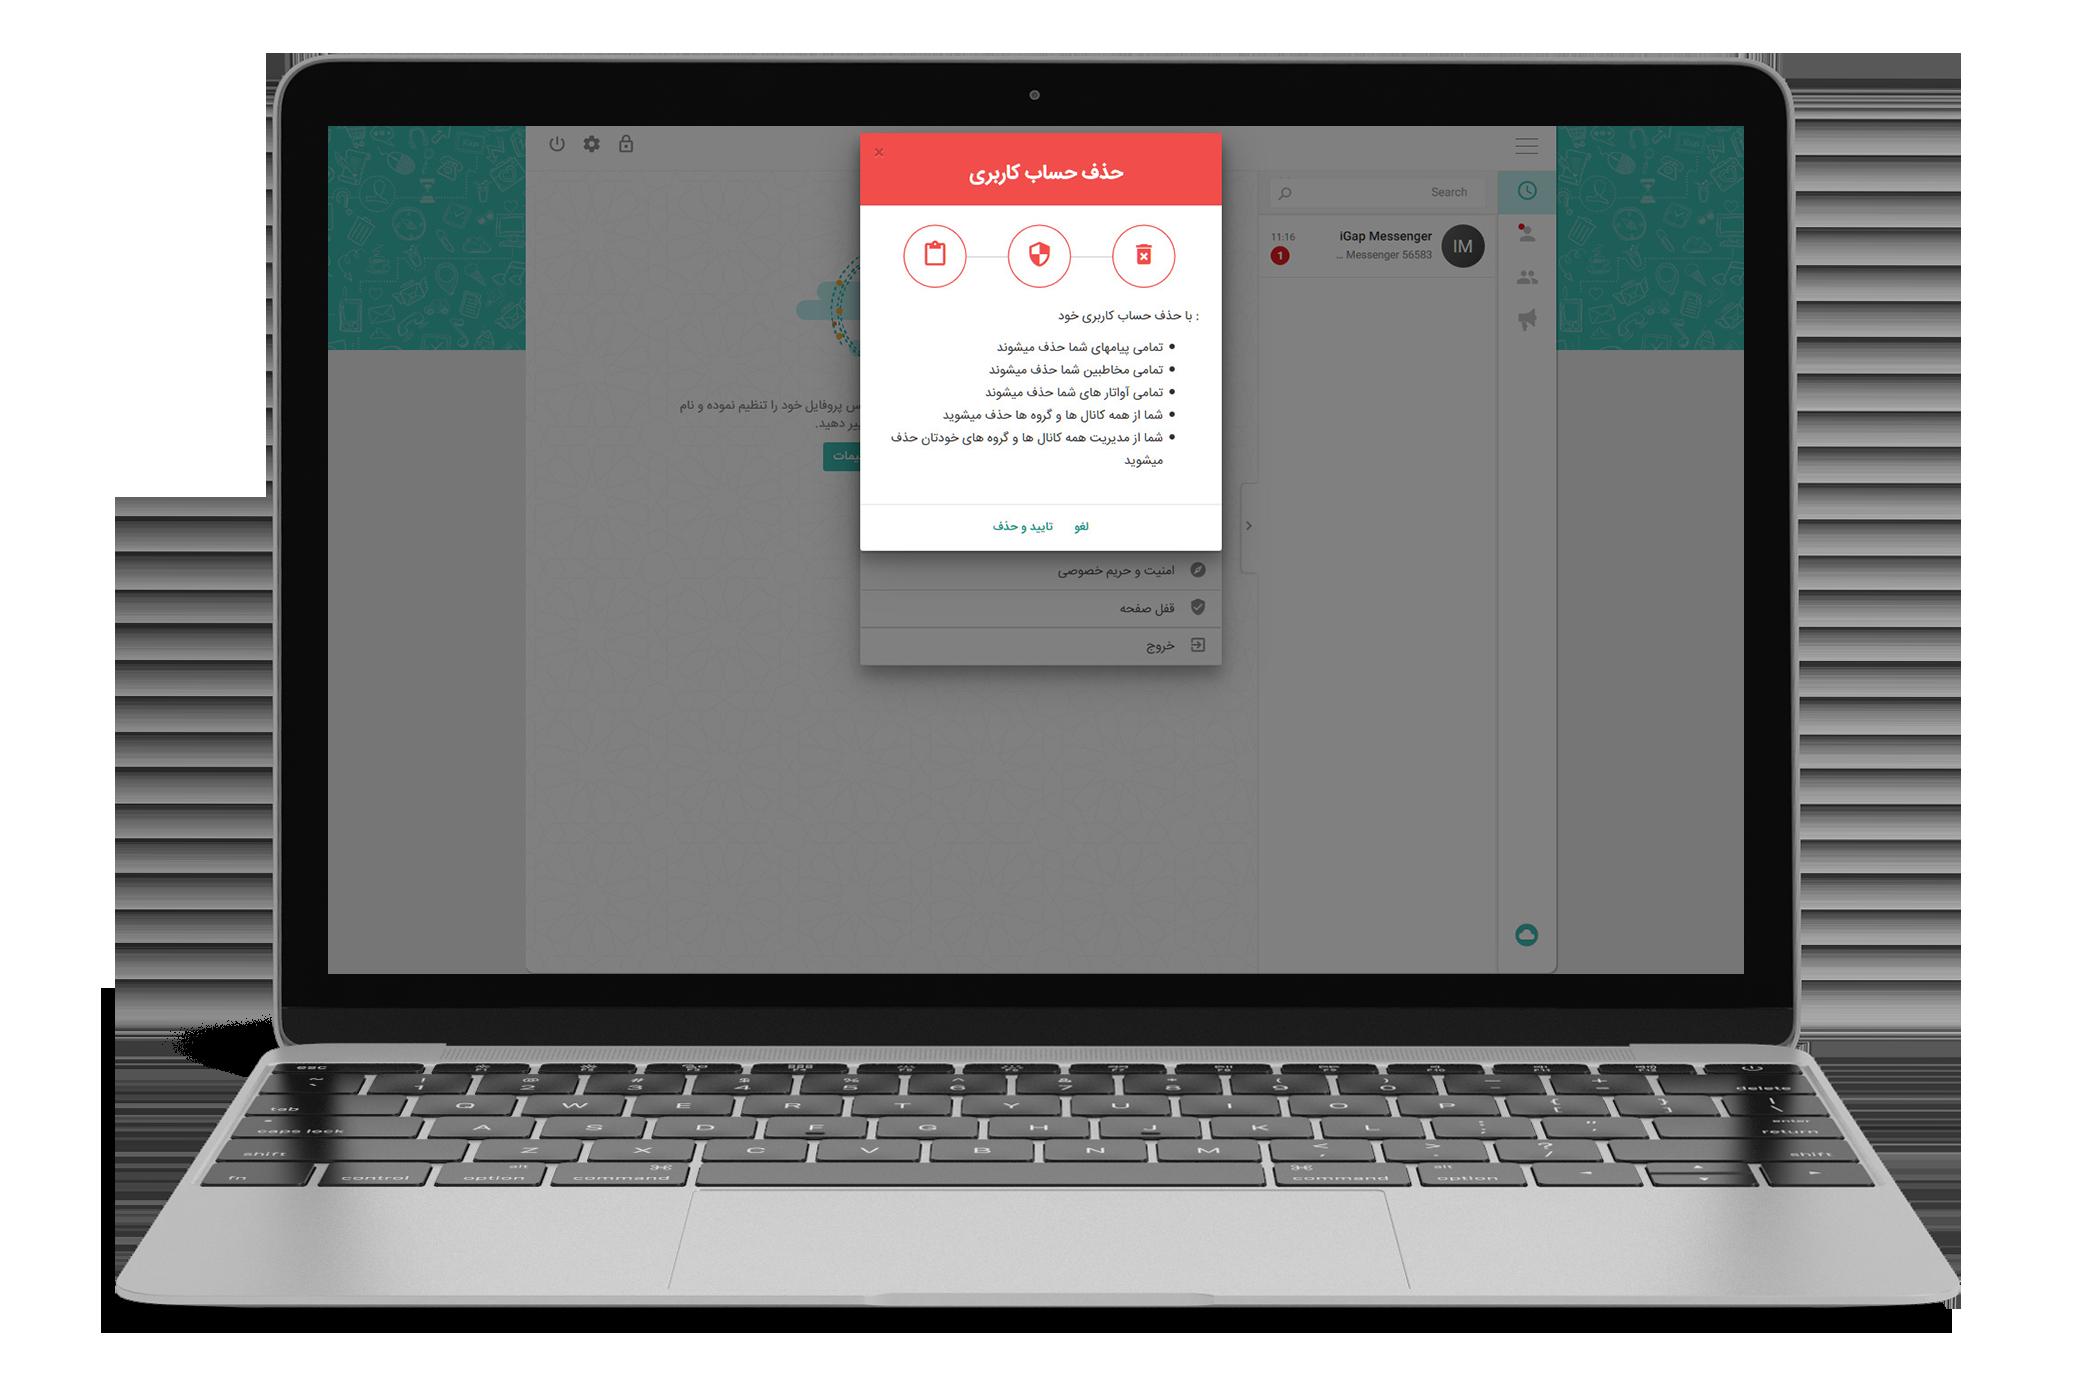 حذف دائمی حساب کاربری آیگپ در نسخه وب